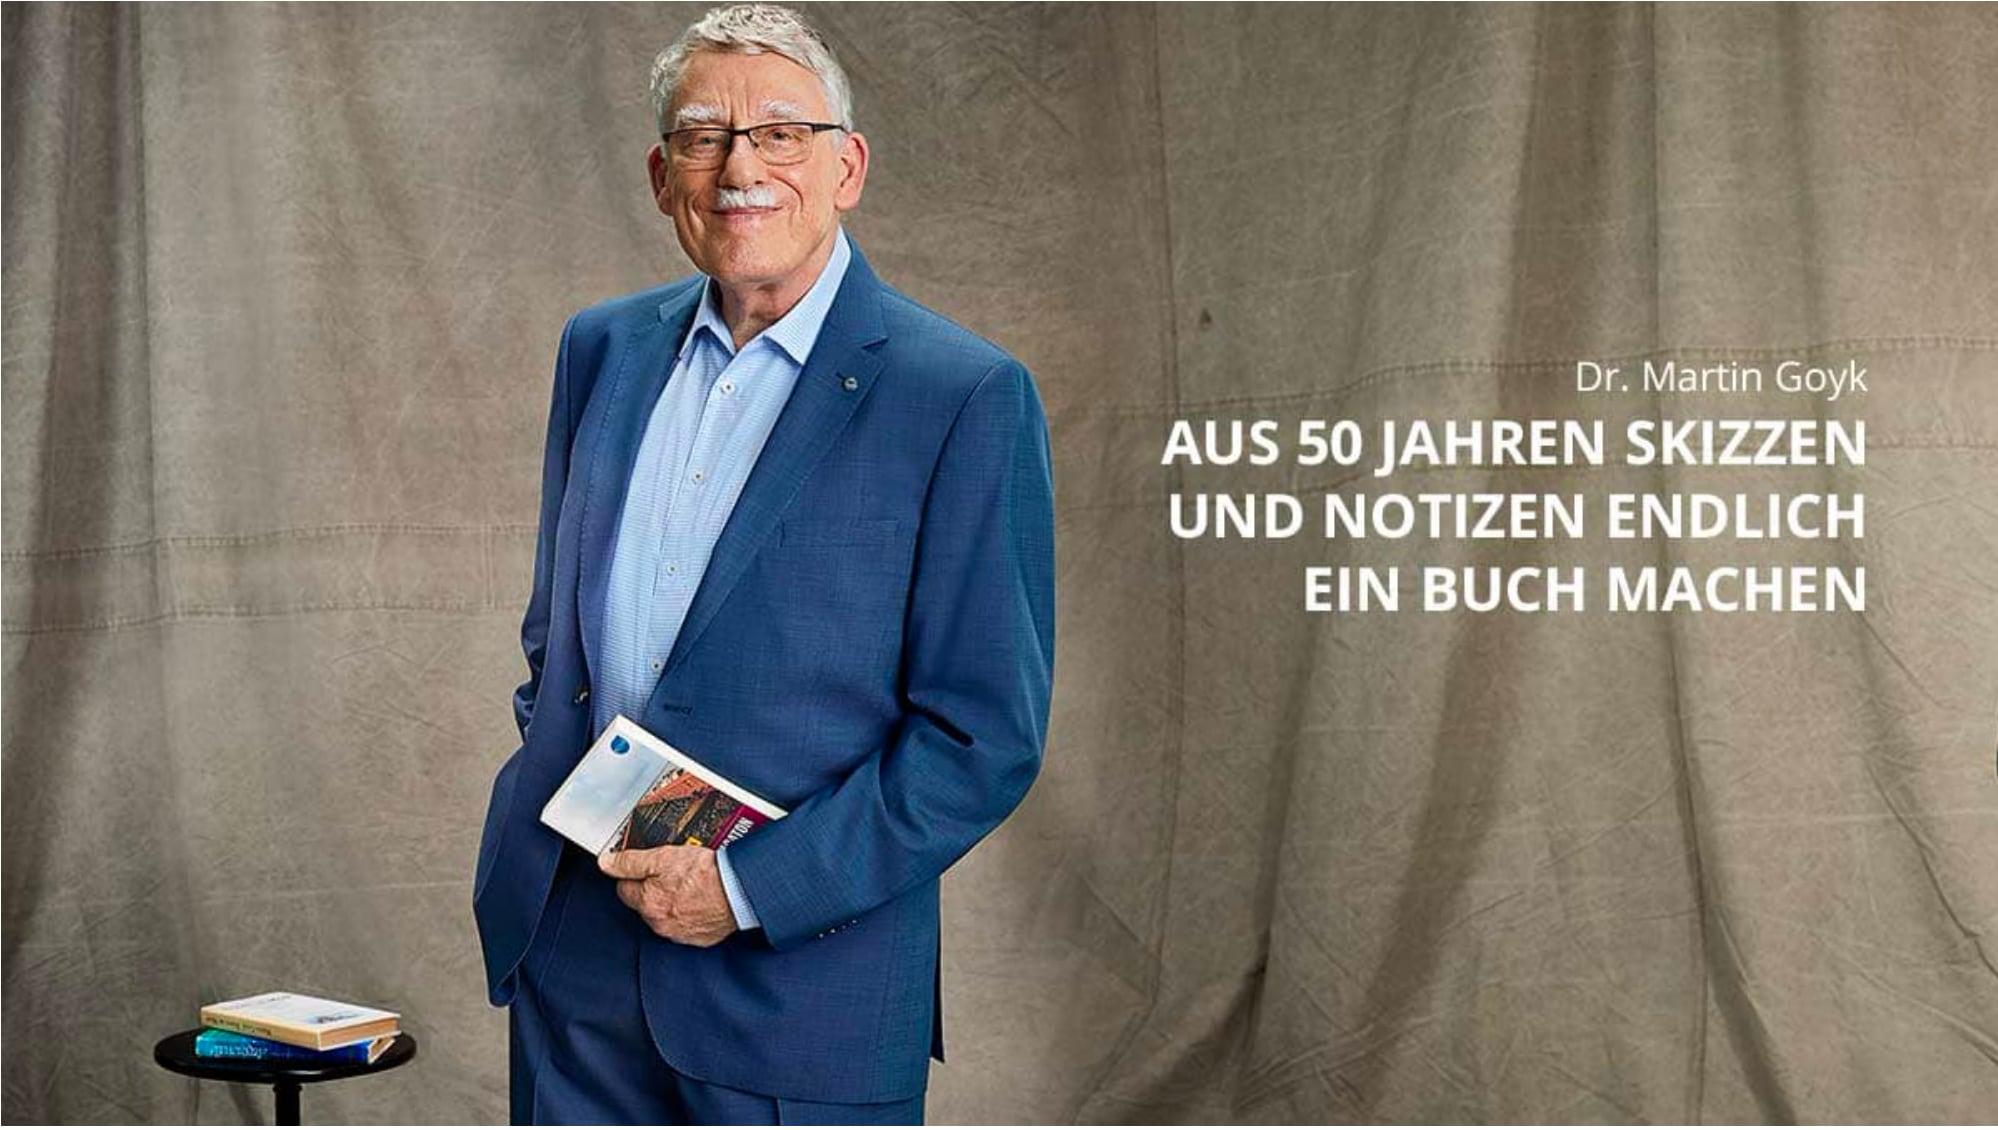 Martin Goyk: Aus 50 Jahren Skizzen wird ein Buch